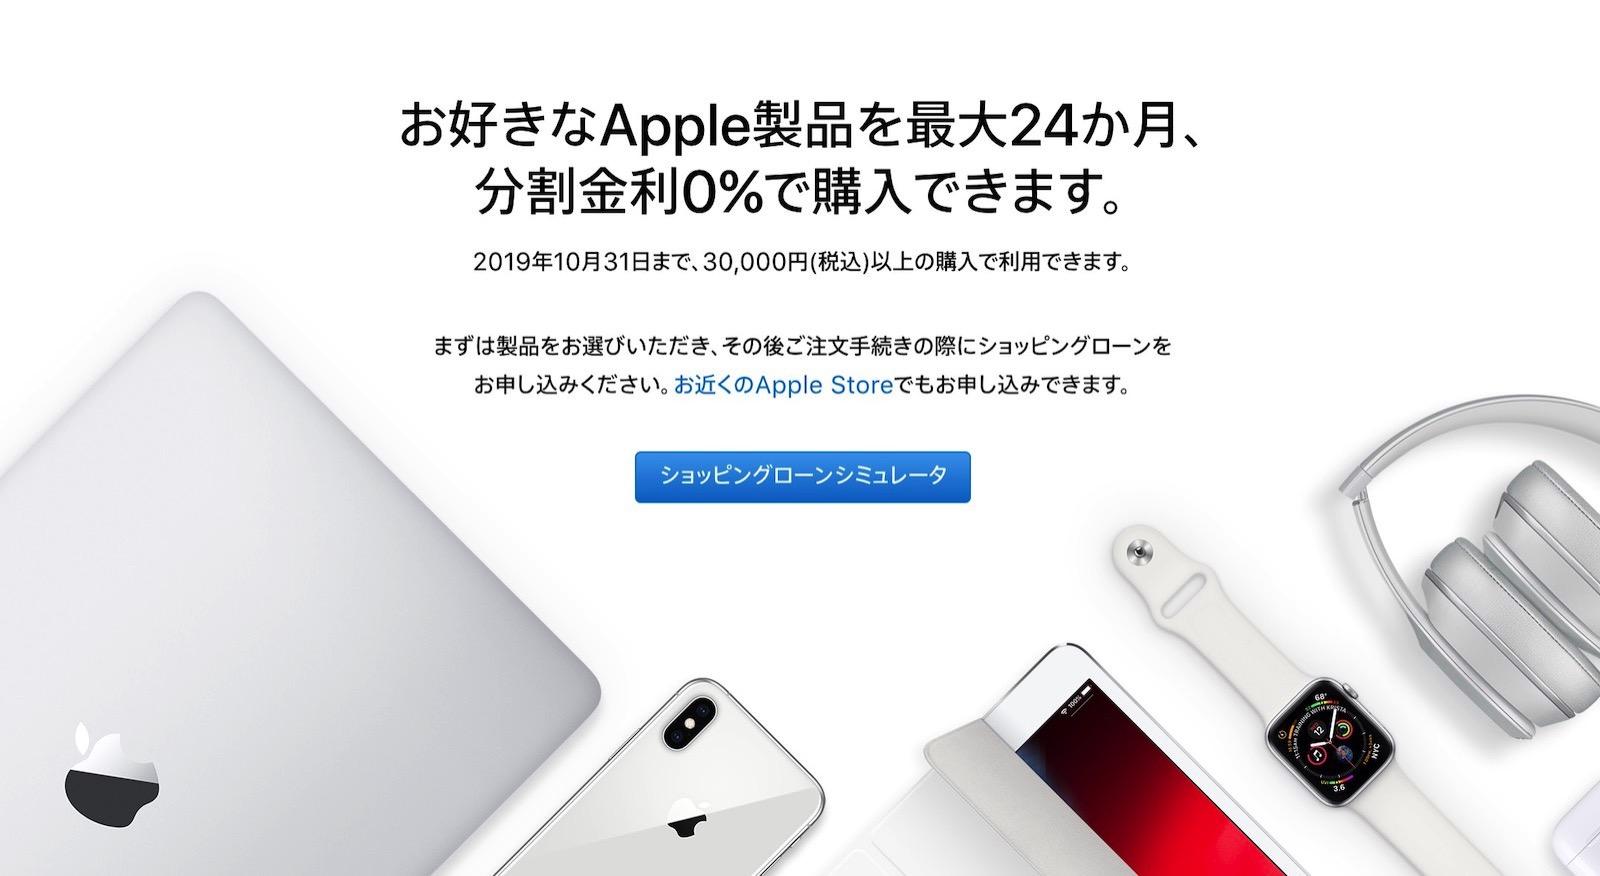 Apple-Financing-August-2019.jpg